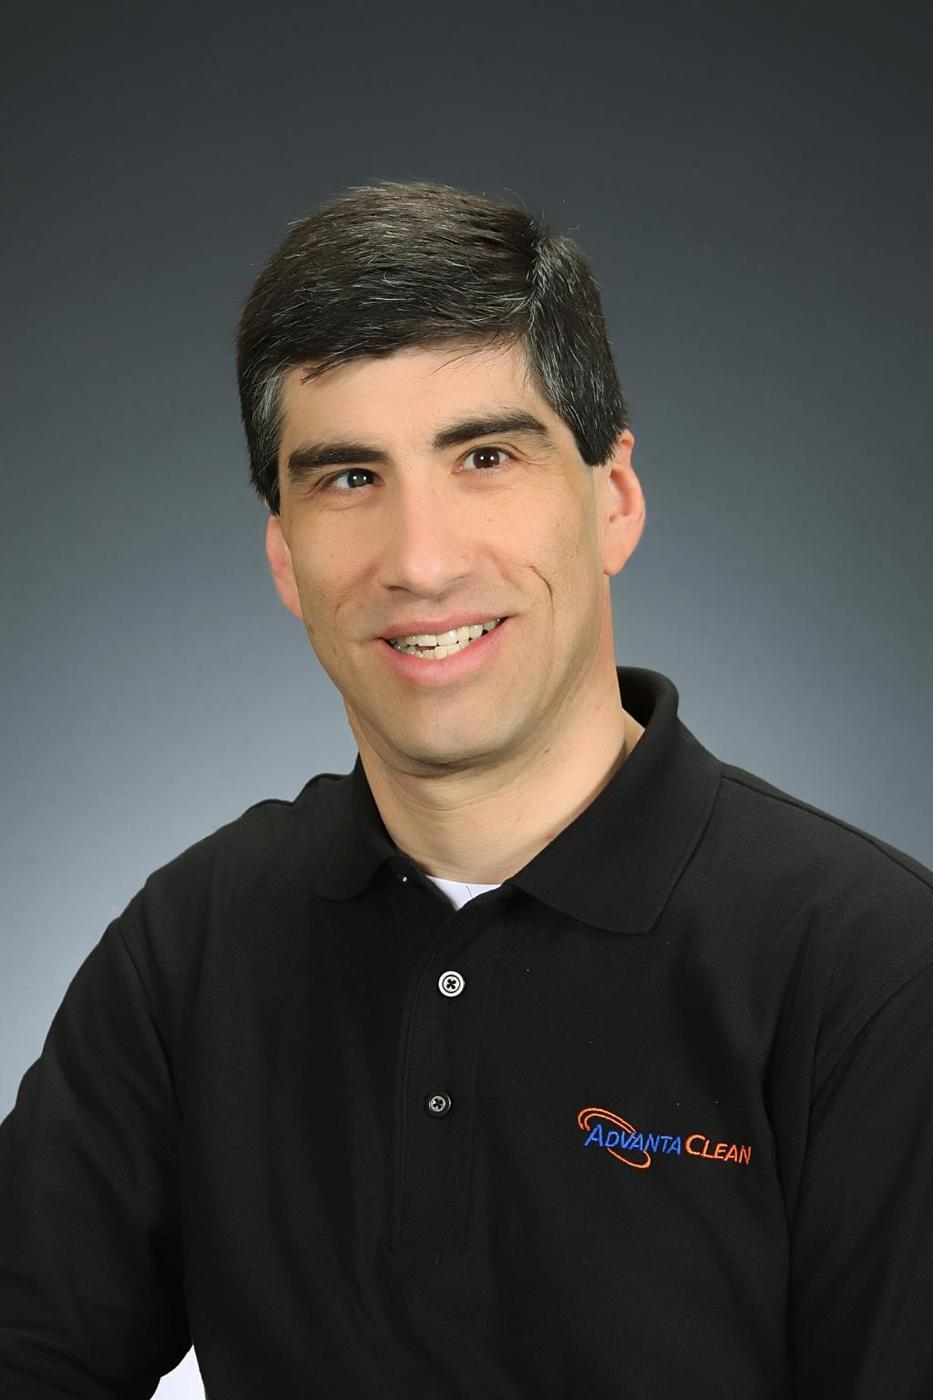 Frank Cabrera